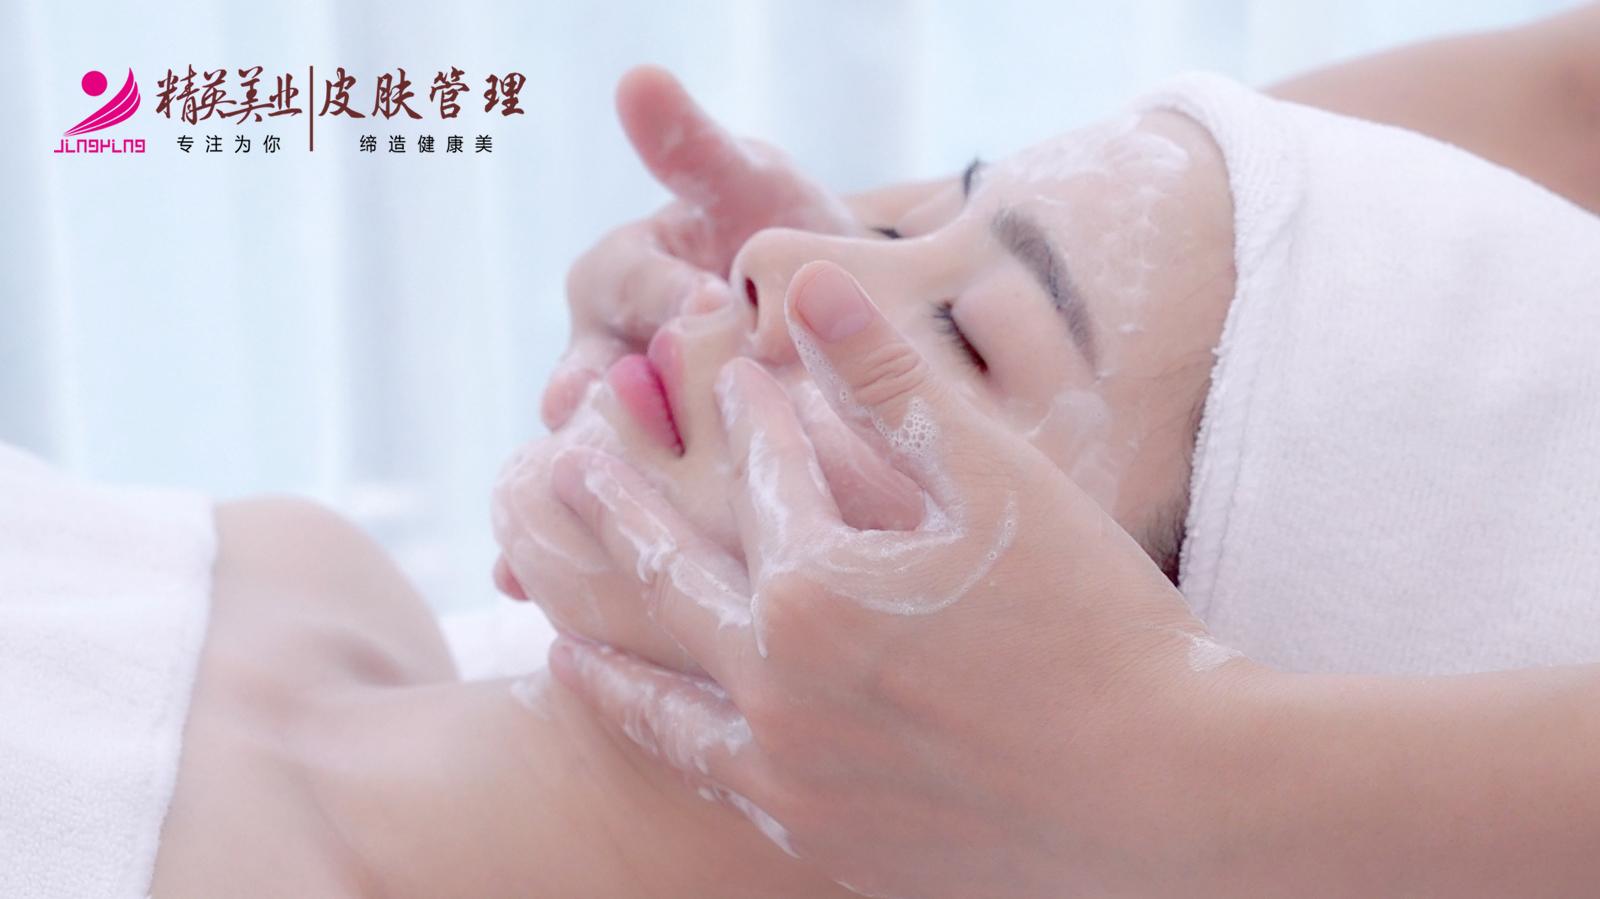 脸部皮肤管理作品图片